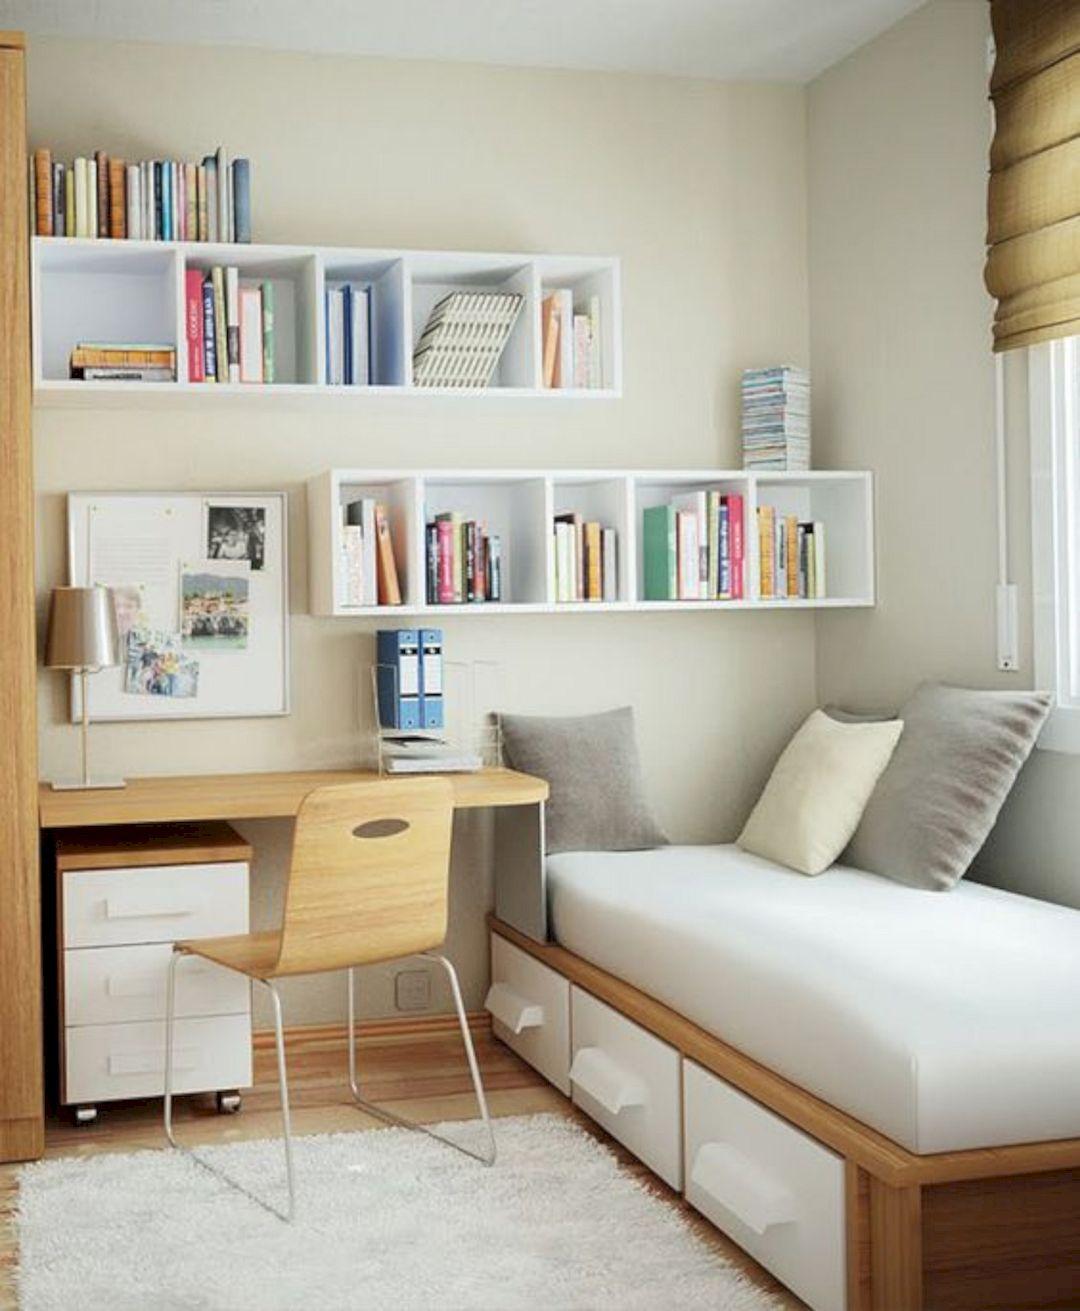 Medium Crop Of Dorm Room Furniture Ideas